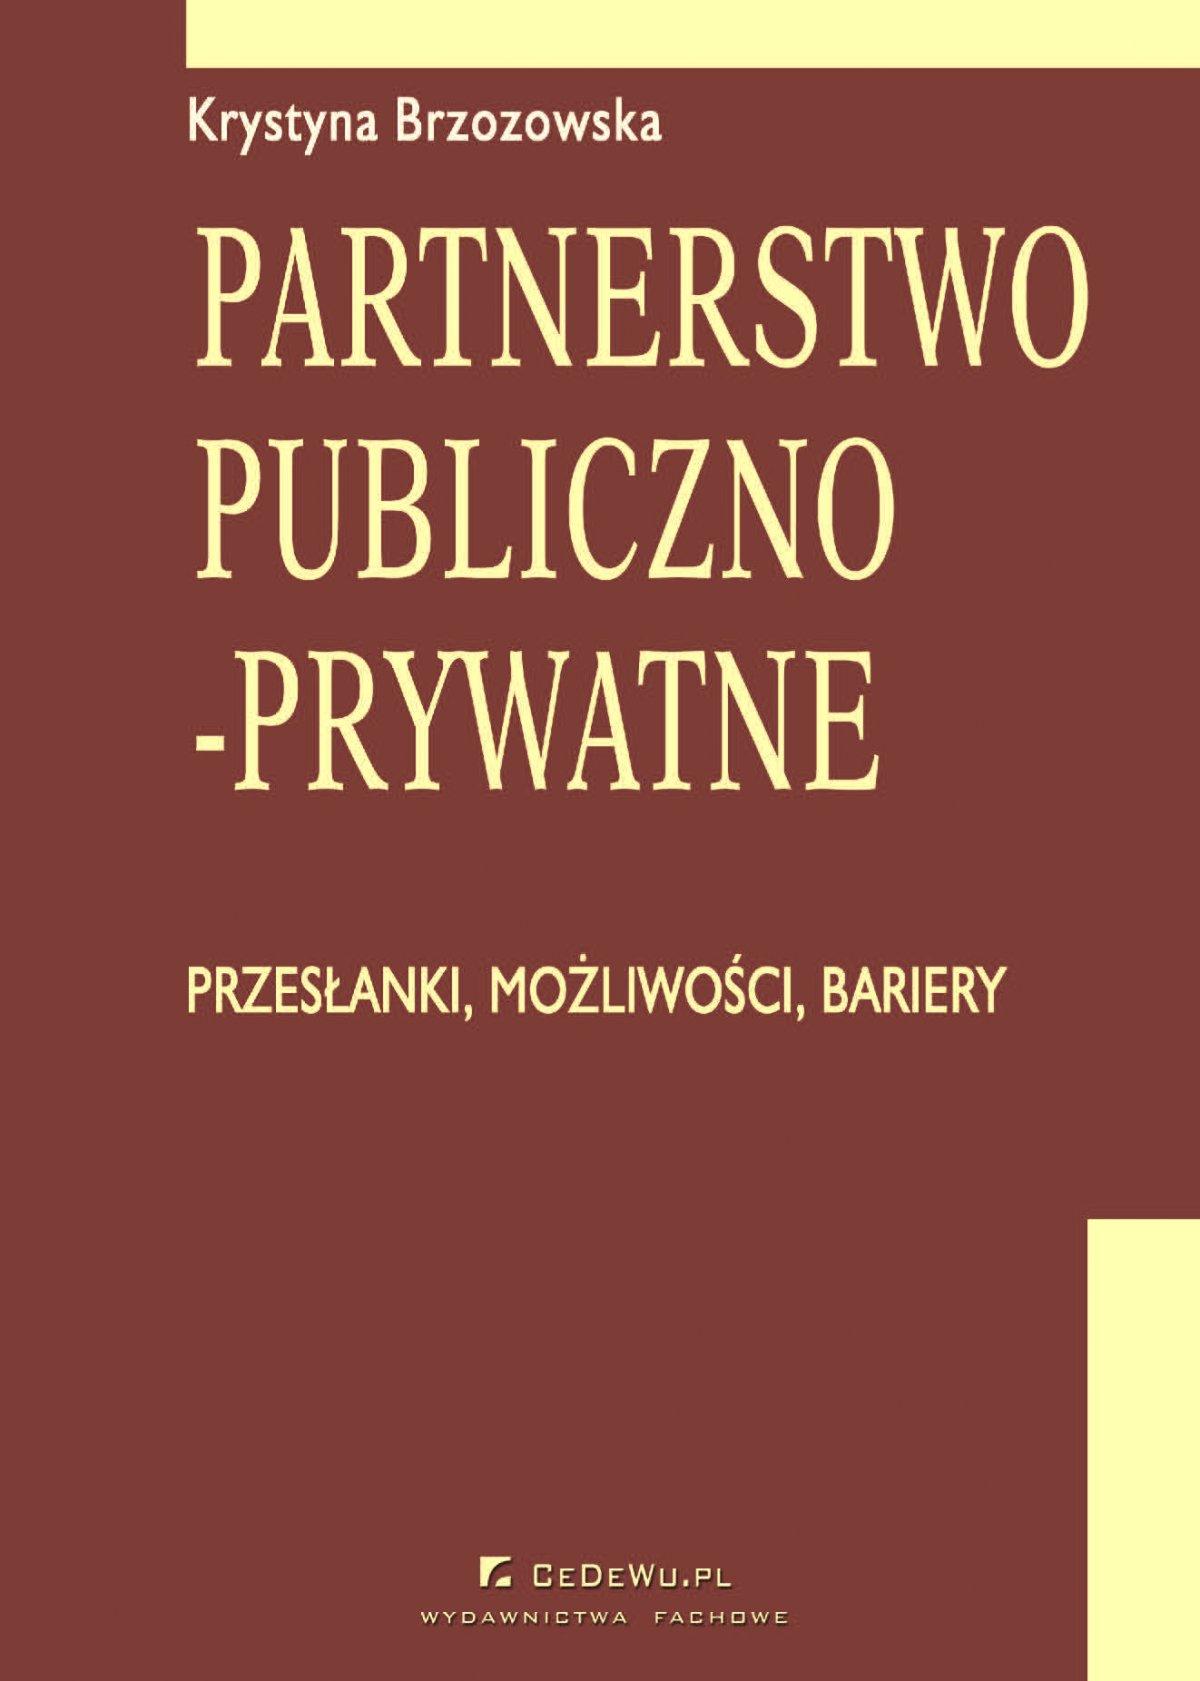 Partnerstwo publiczno-prywatne. Przesłanki, możliwości, bariery. Rozdział 1. Historyczna ewolucja finansowania inwestycji publicznych - Ebook (Książka PDF) do pobrania w formacie PDF